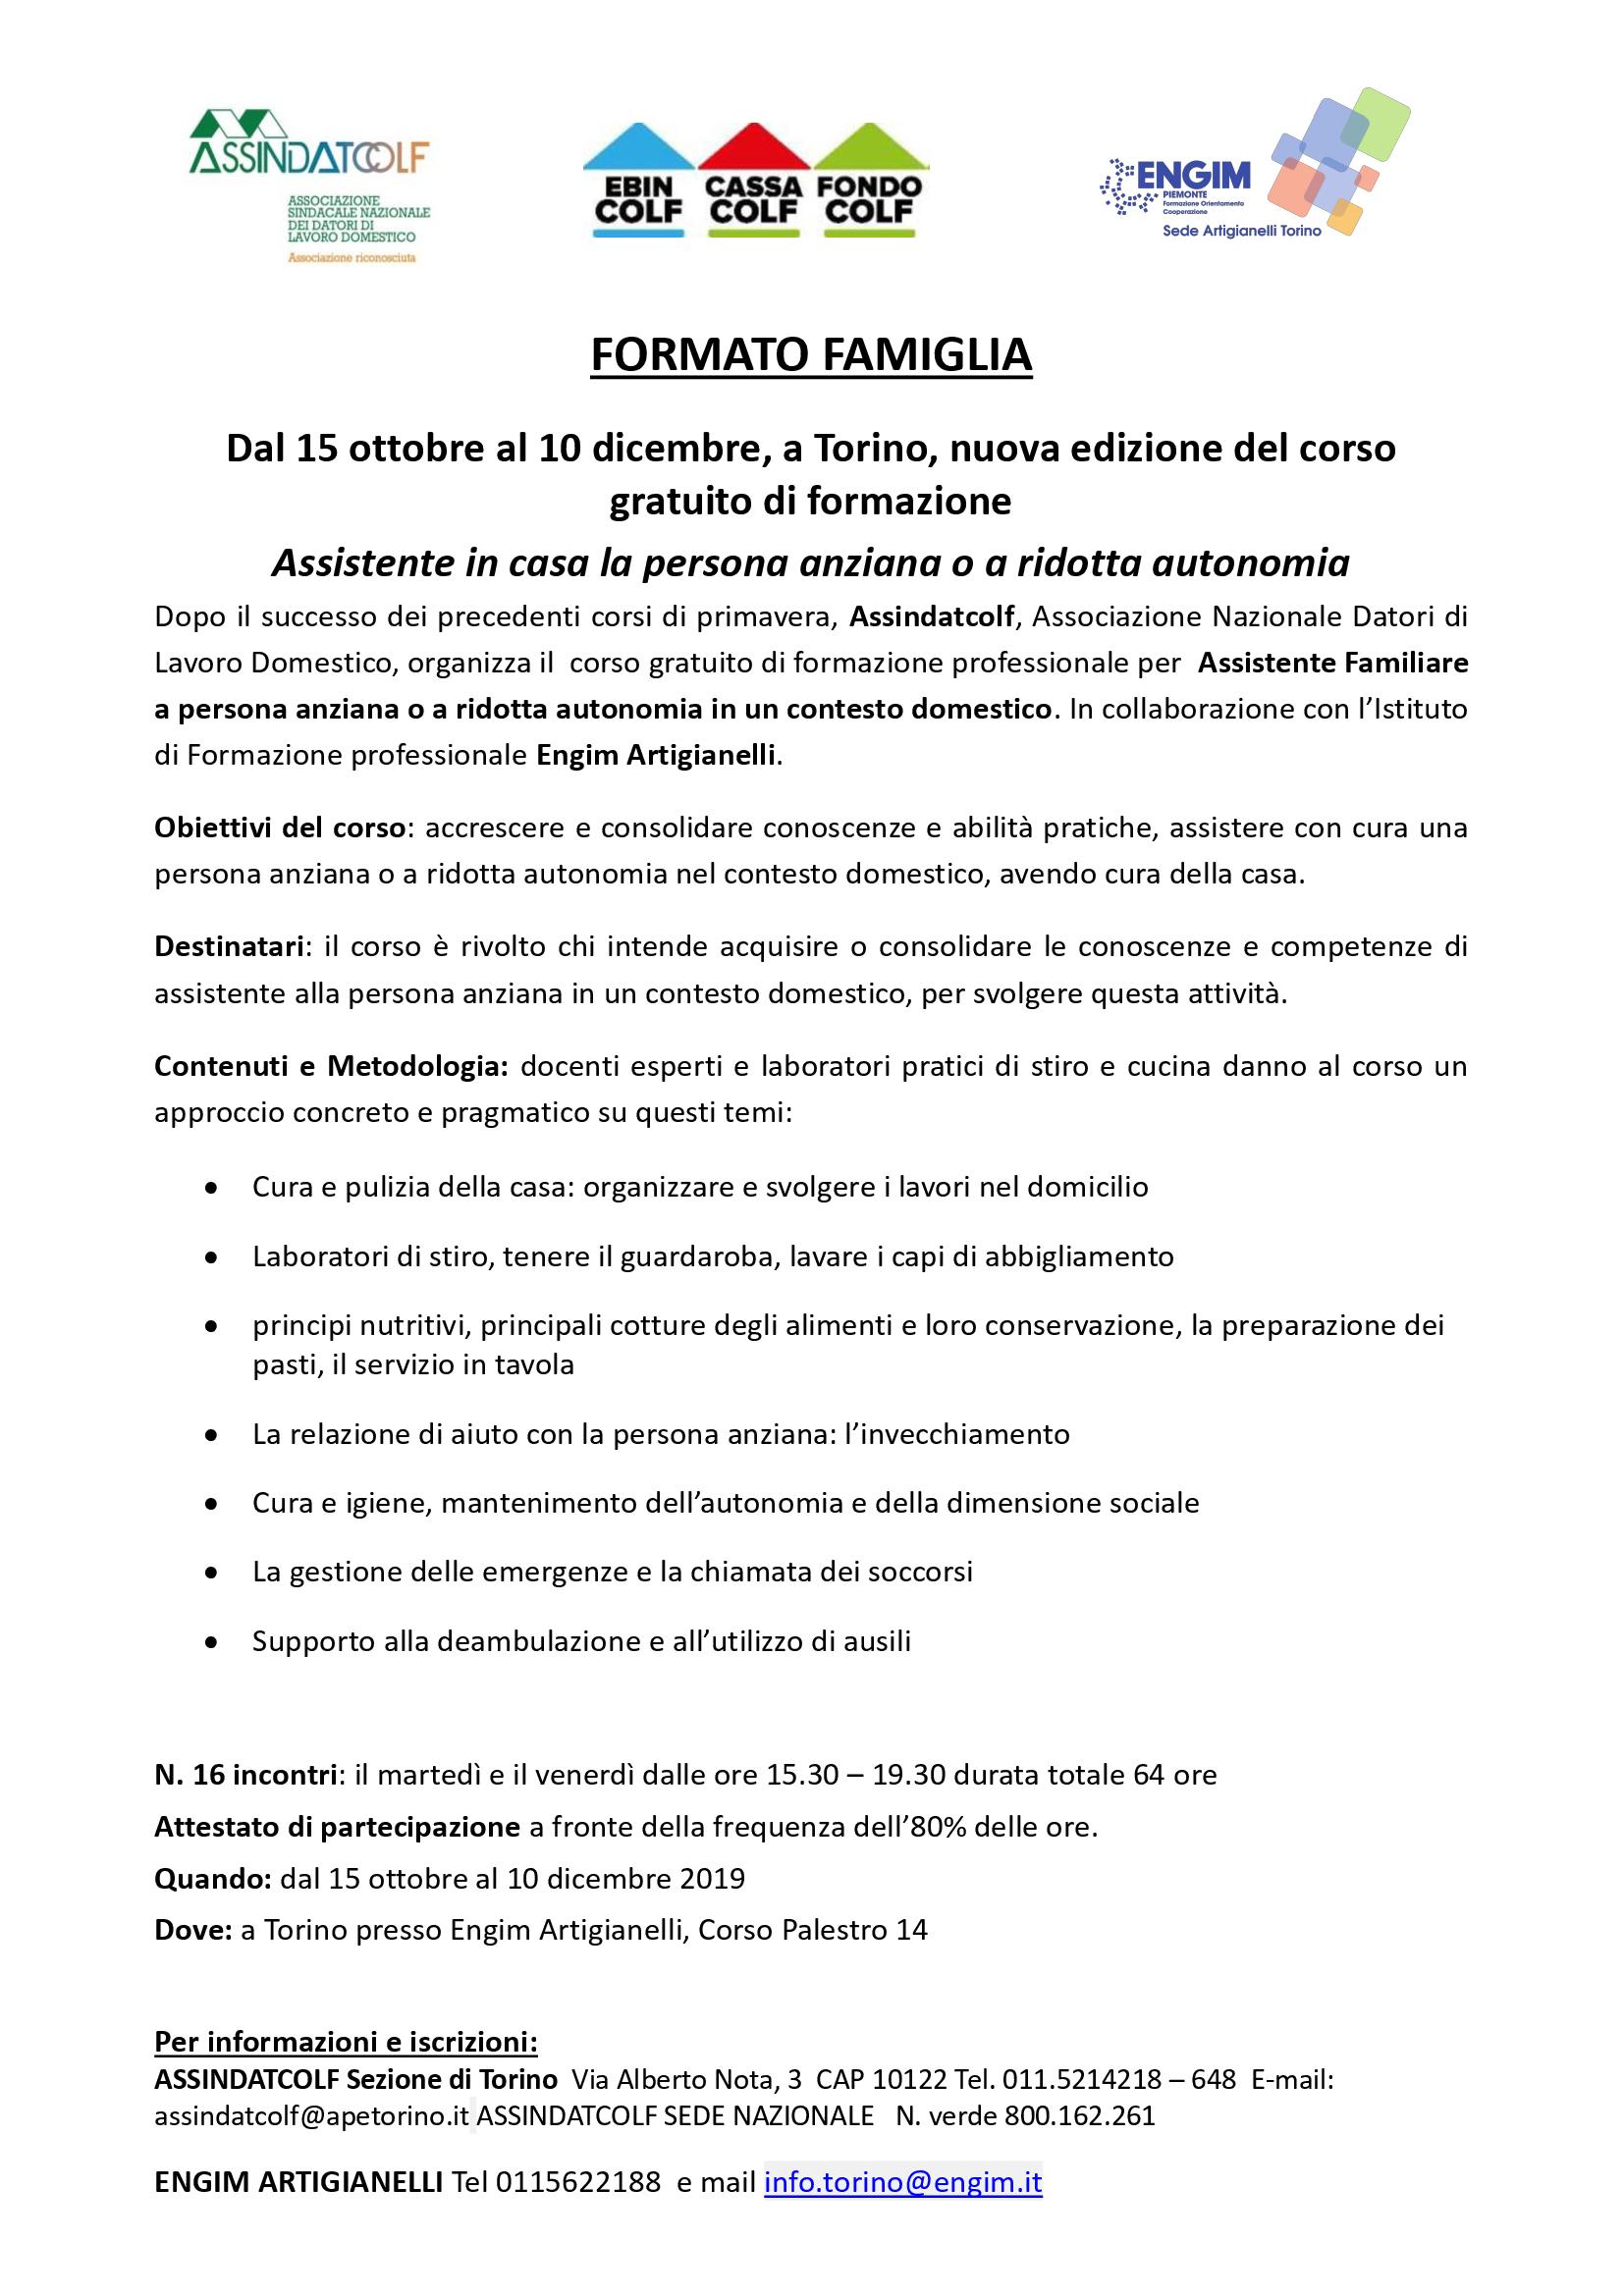 Presentazione-edizione-autunno-2019-TORINO-_1_